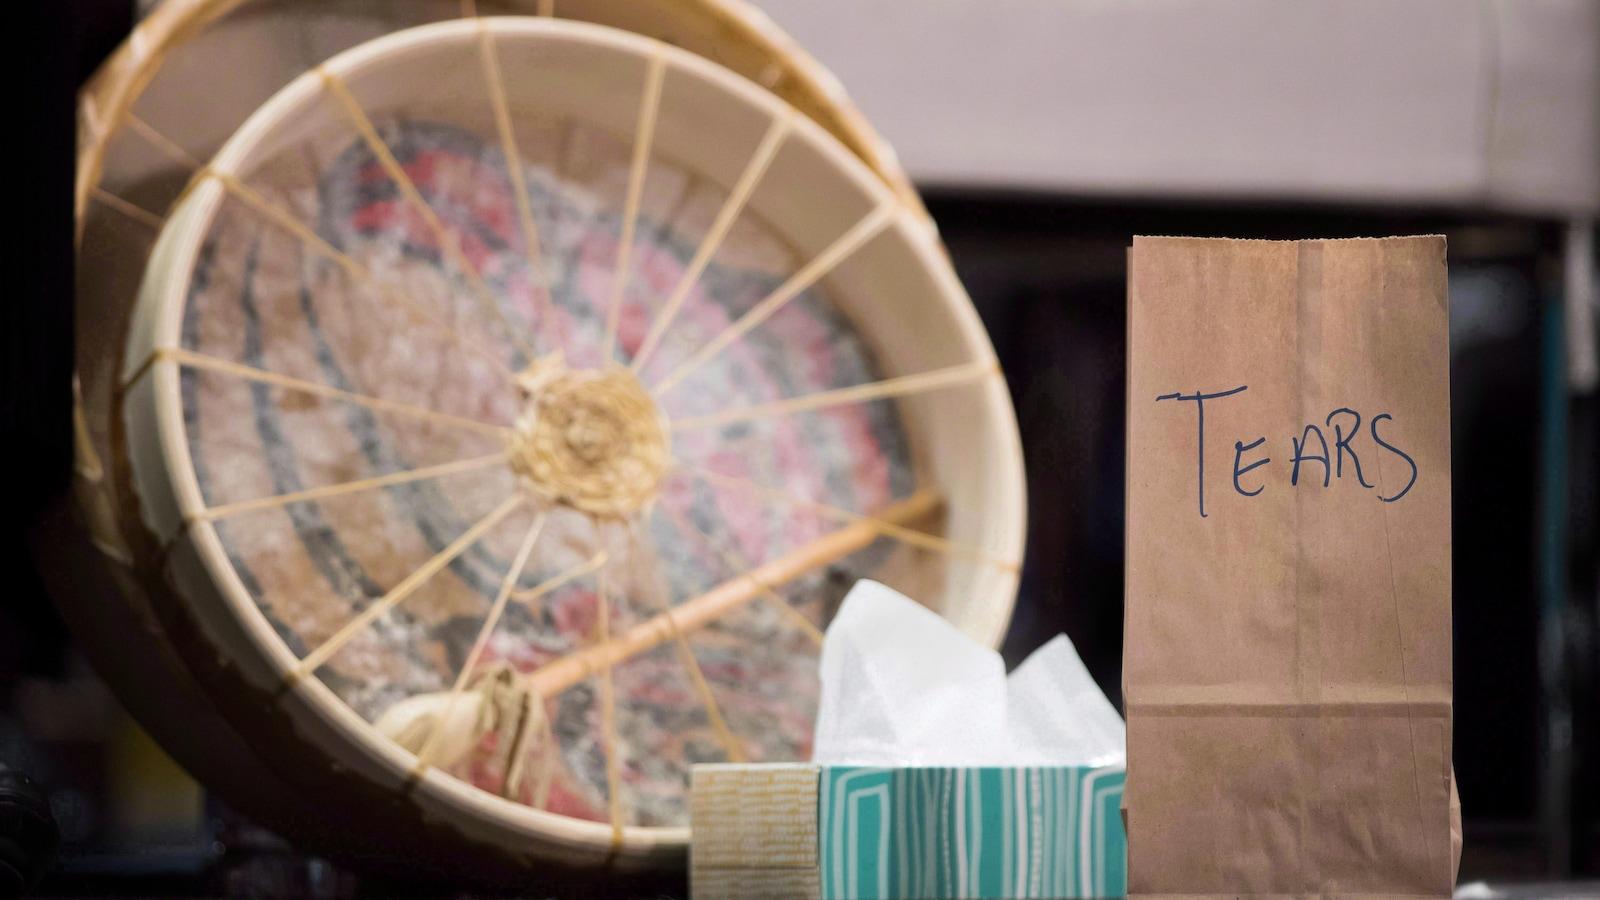 Un sac de papier brun sur lequel est écrit «larmes» repose à côté d'une boîte de papiers-mouchoirs et de deux tambours rituels autochtones en peau d'animal.